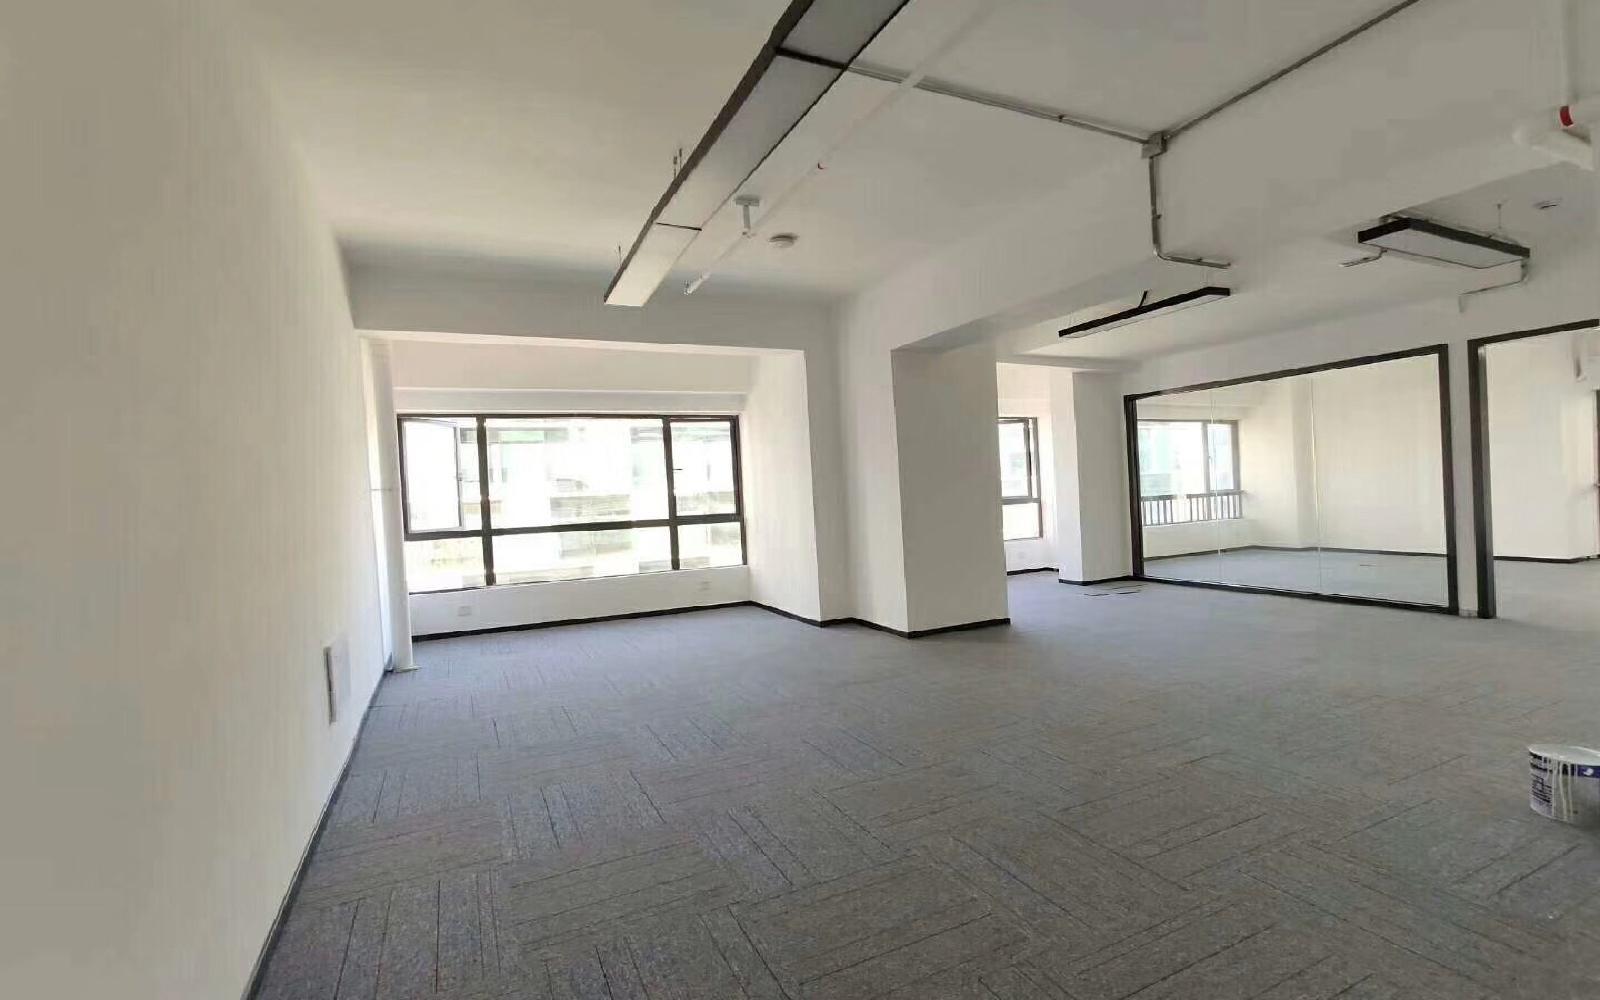 深圳湾科技生态园(一期)写字楼出租140平米简装办公室99元/m².月